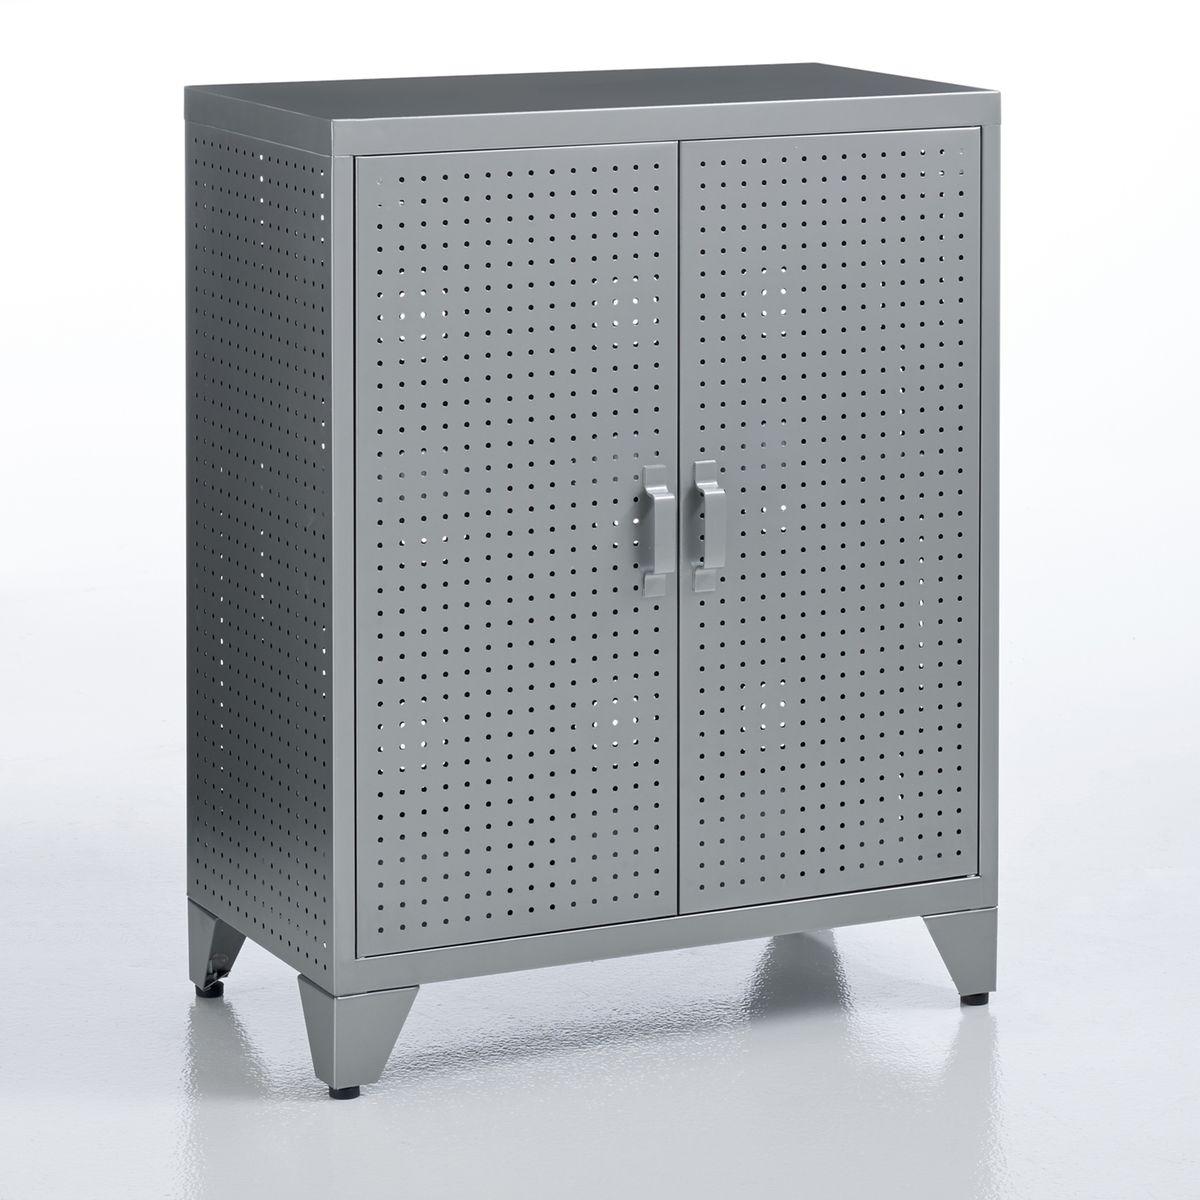 Chambre la redoute catalogue meubles la redoute - La redoute meuble chambre ...